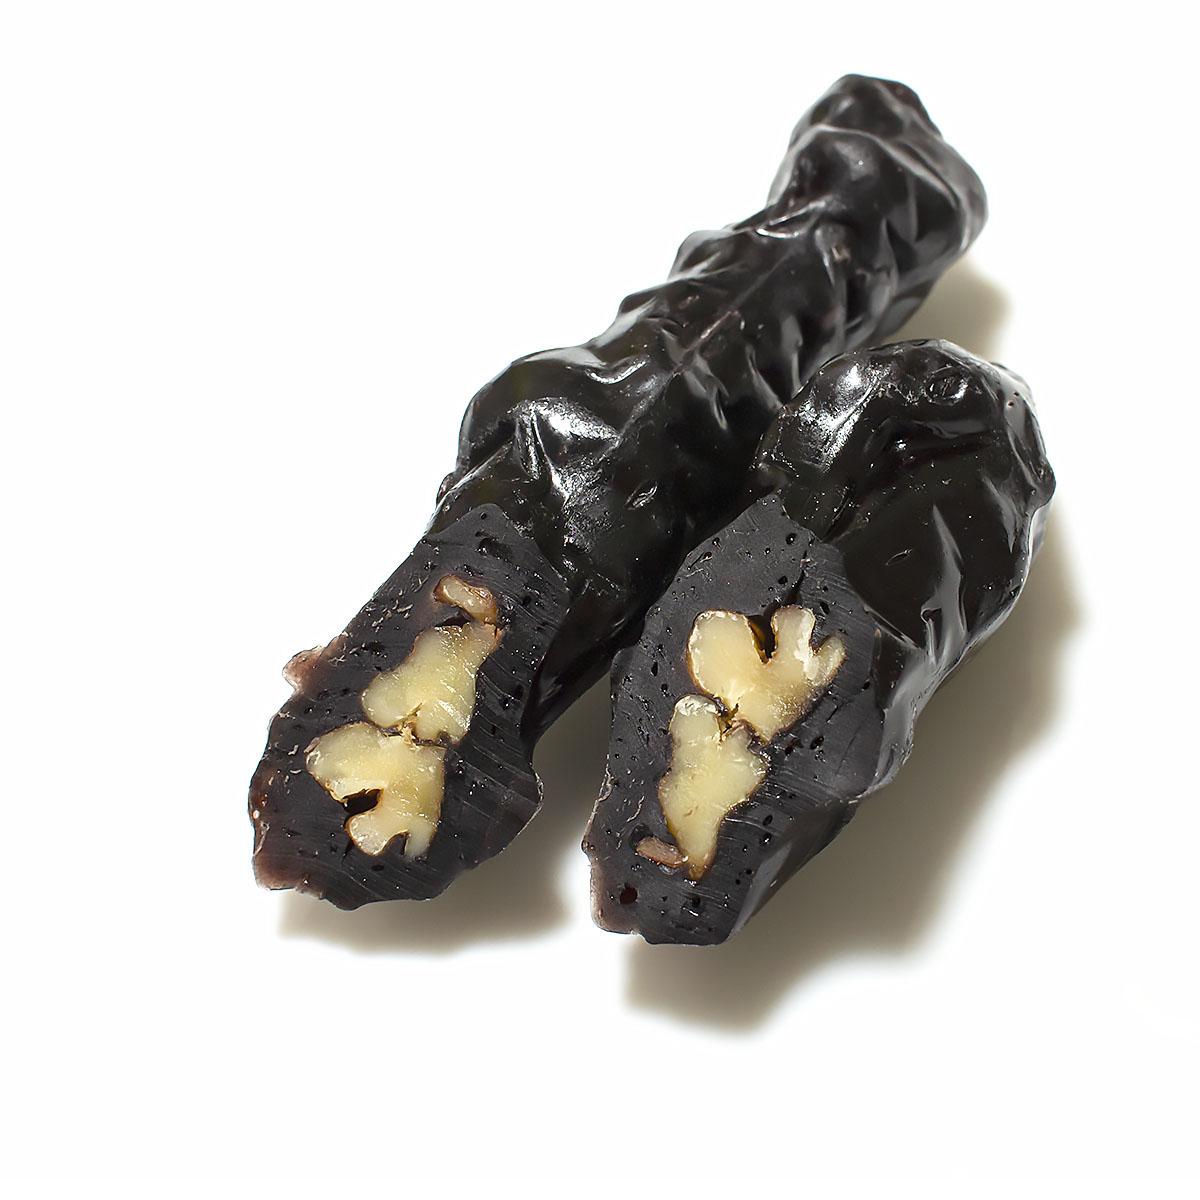 Фото - Чурчхела мини гранатовая с грецким орехом, 45 г бисквит б ю александров брауни с грецким орехом и карамелью 40 г